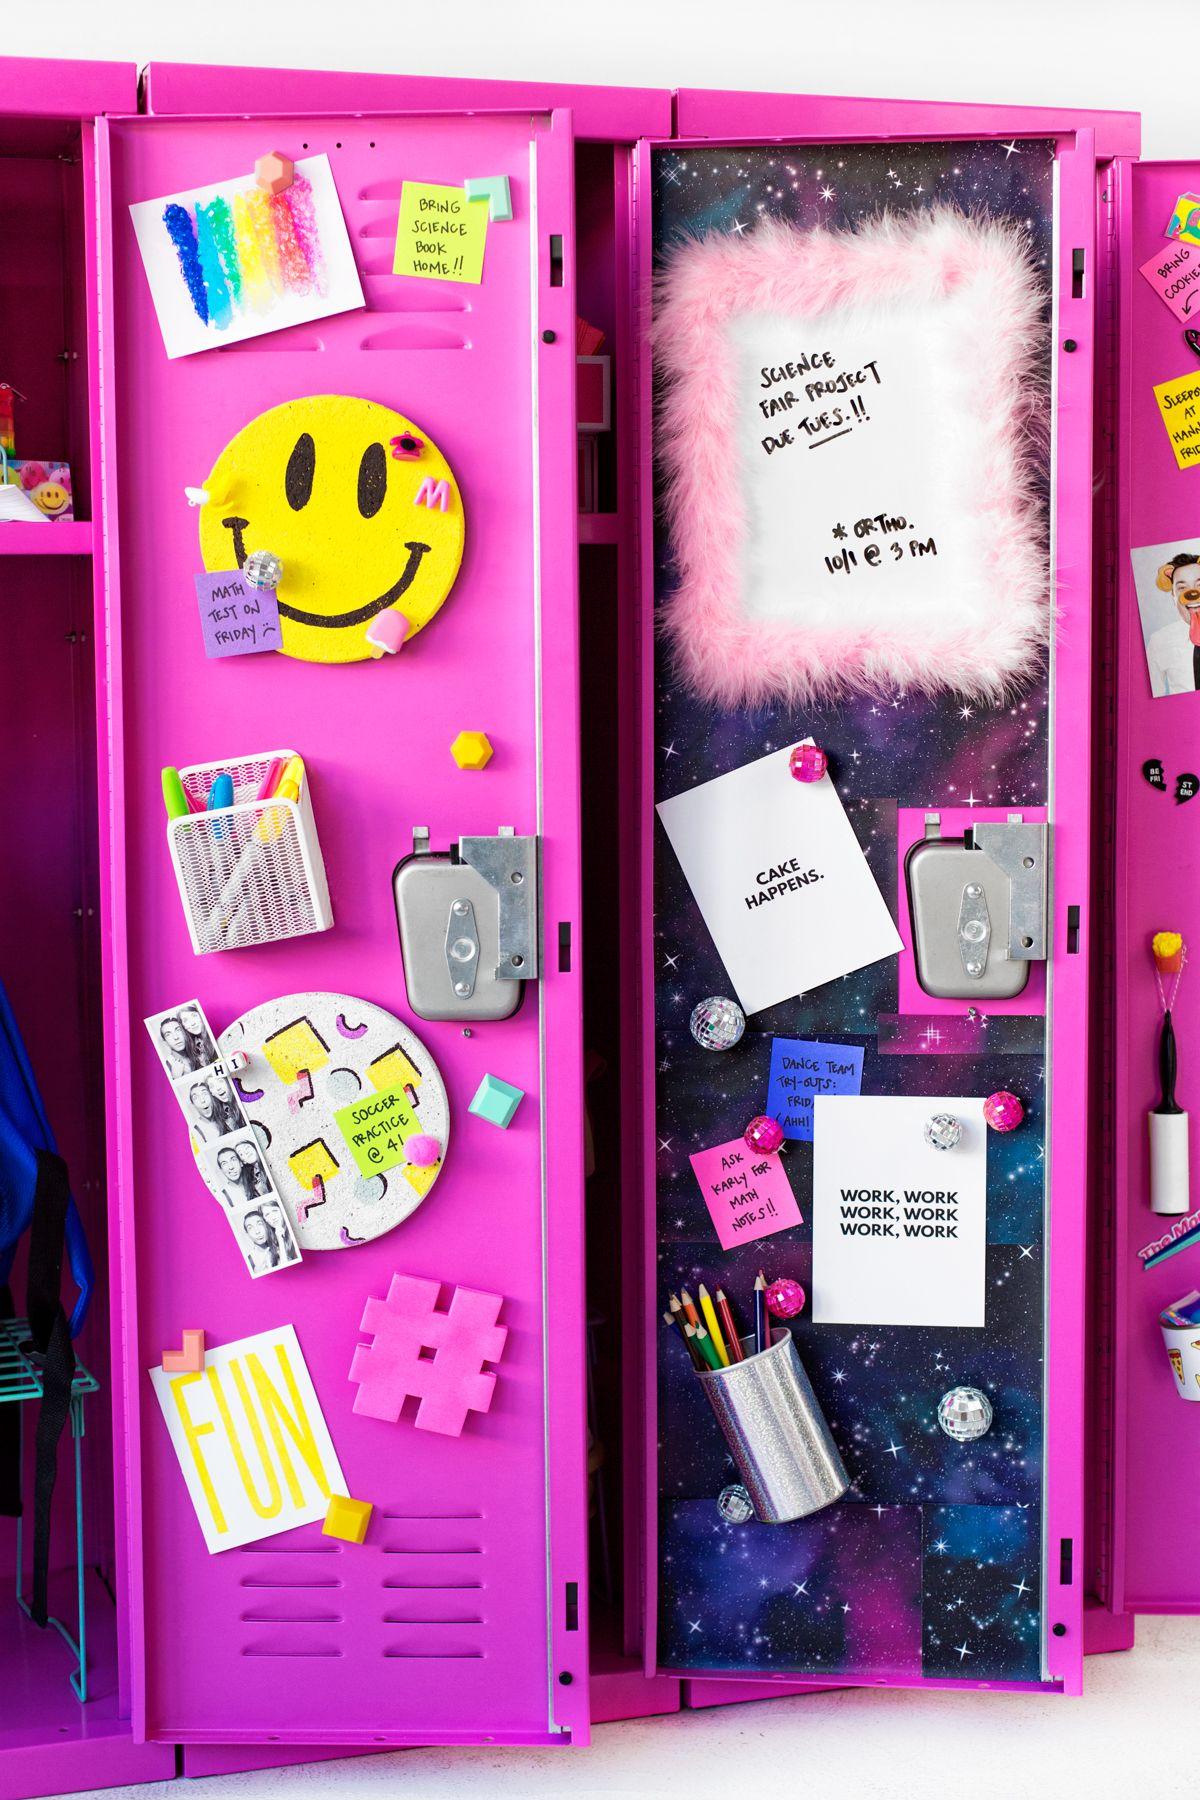 DIY Locker Decor Ideas Diy Locker Lockers And Locker Ideas - Cute diy school locker ideas